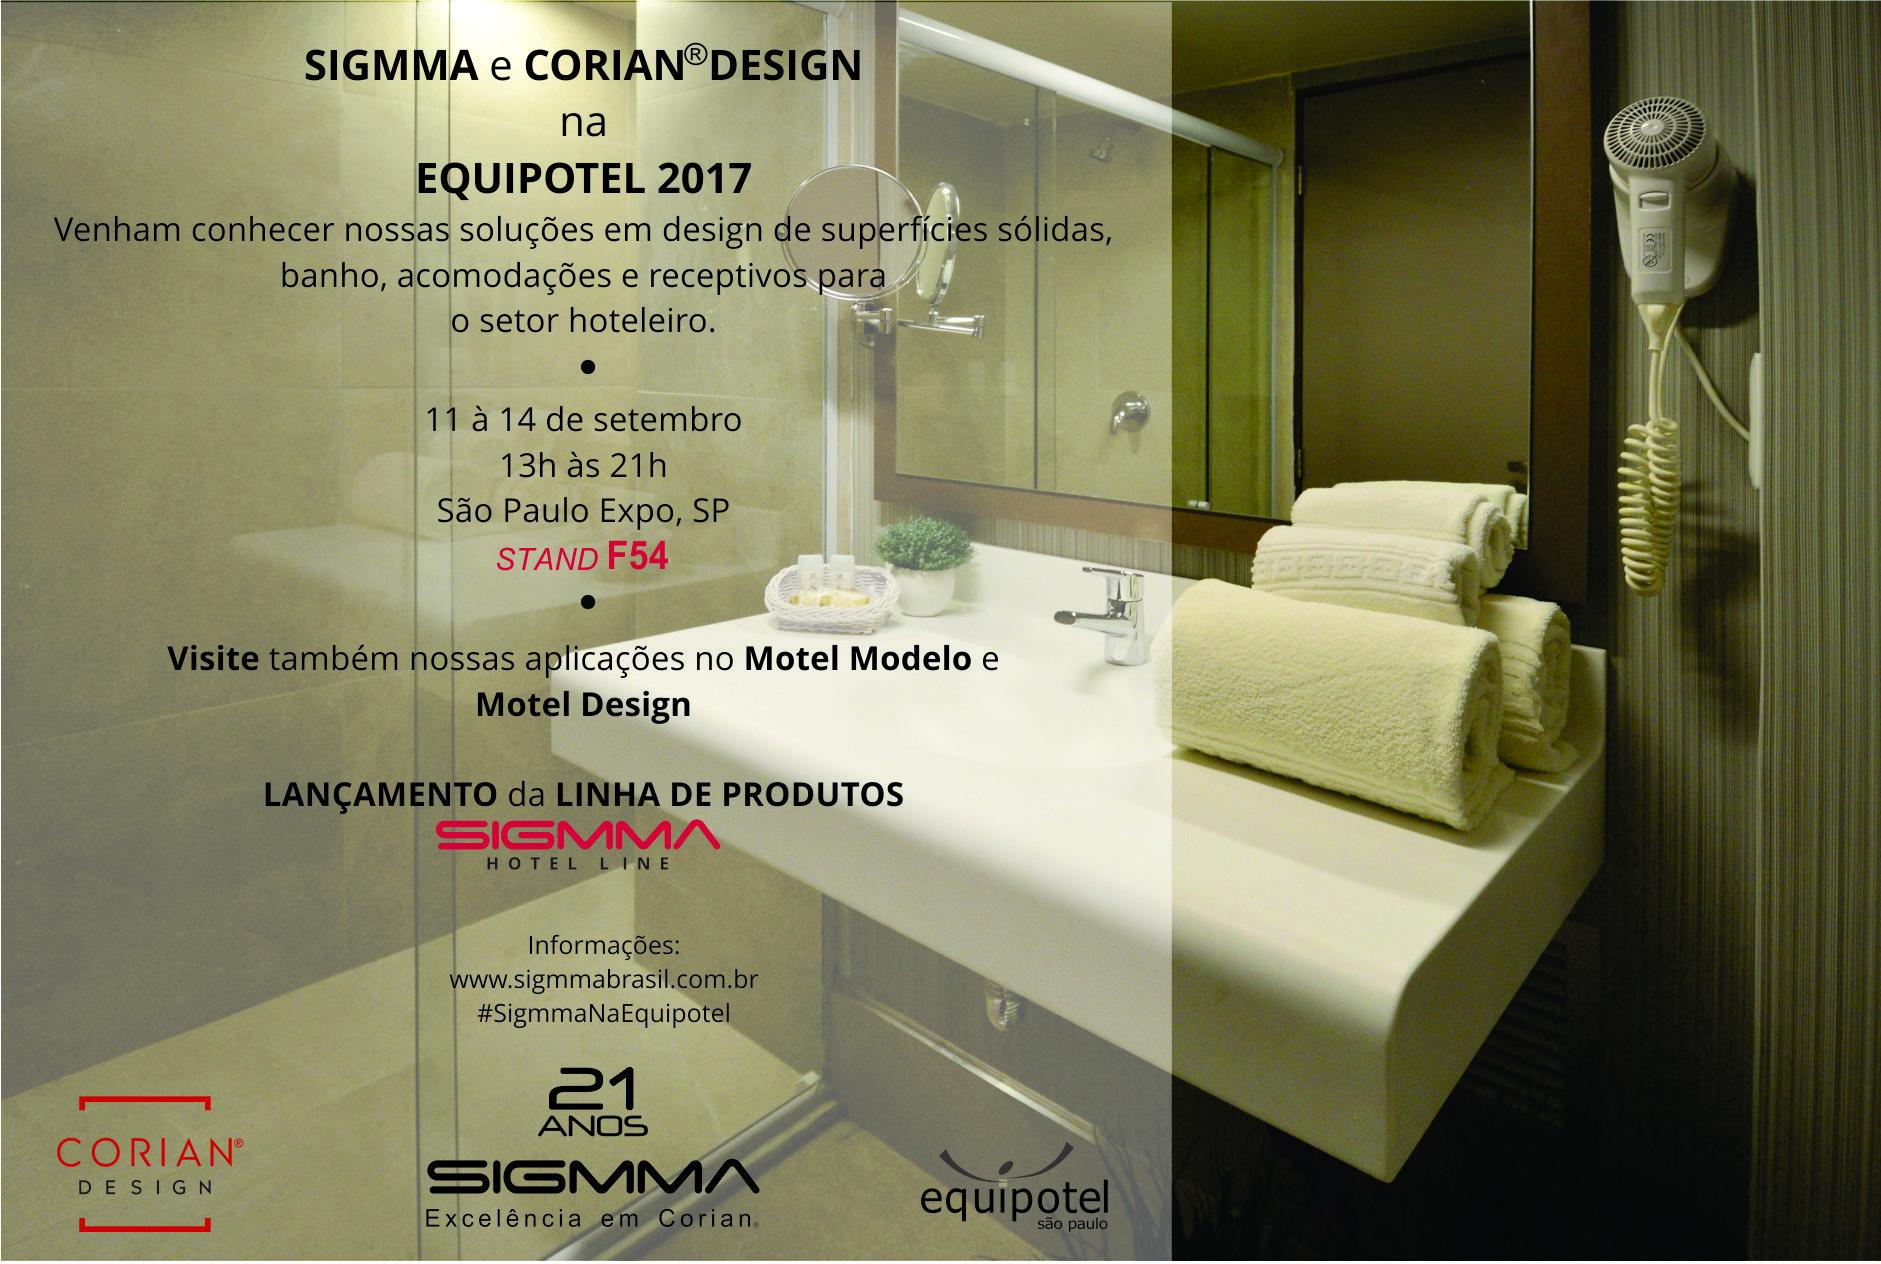 Equipotel Sigmma 2017